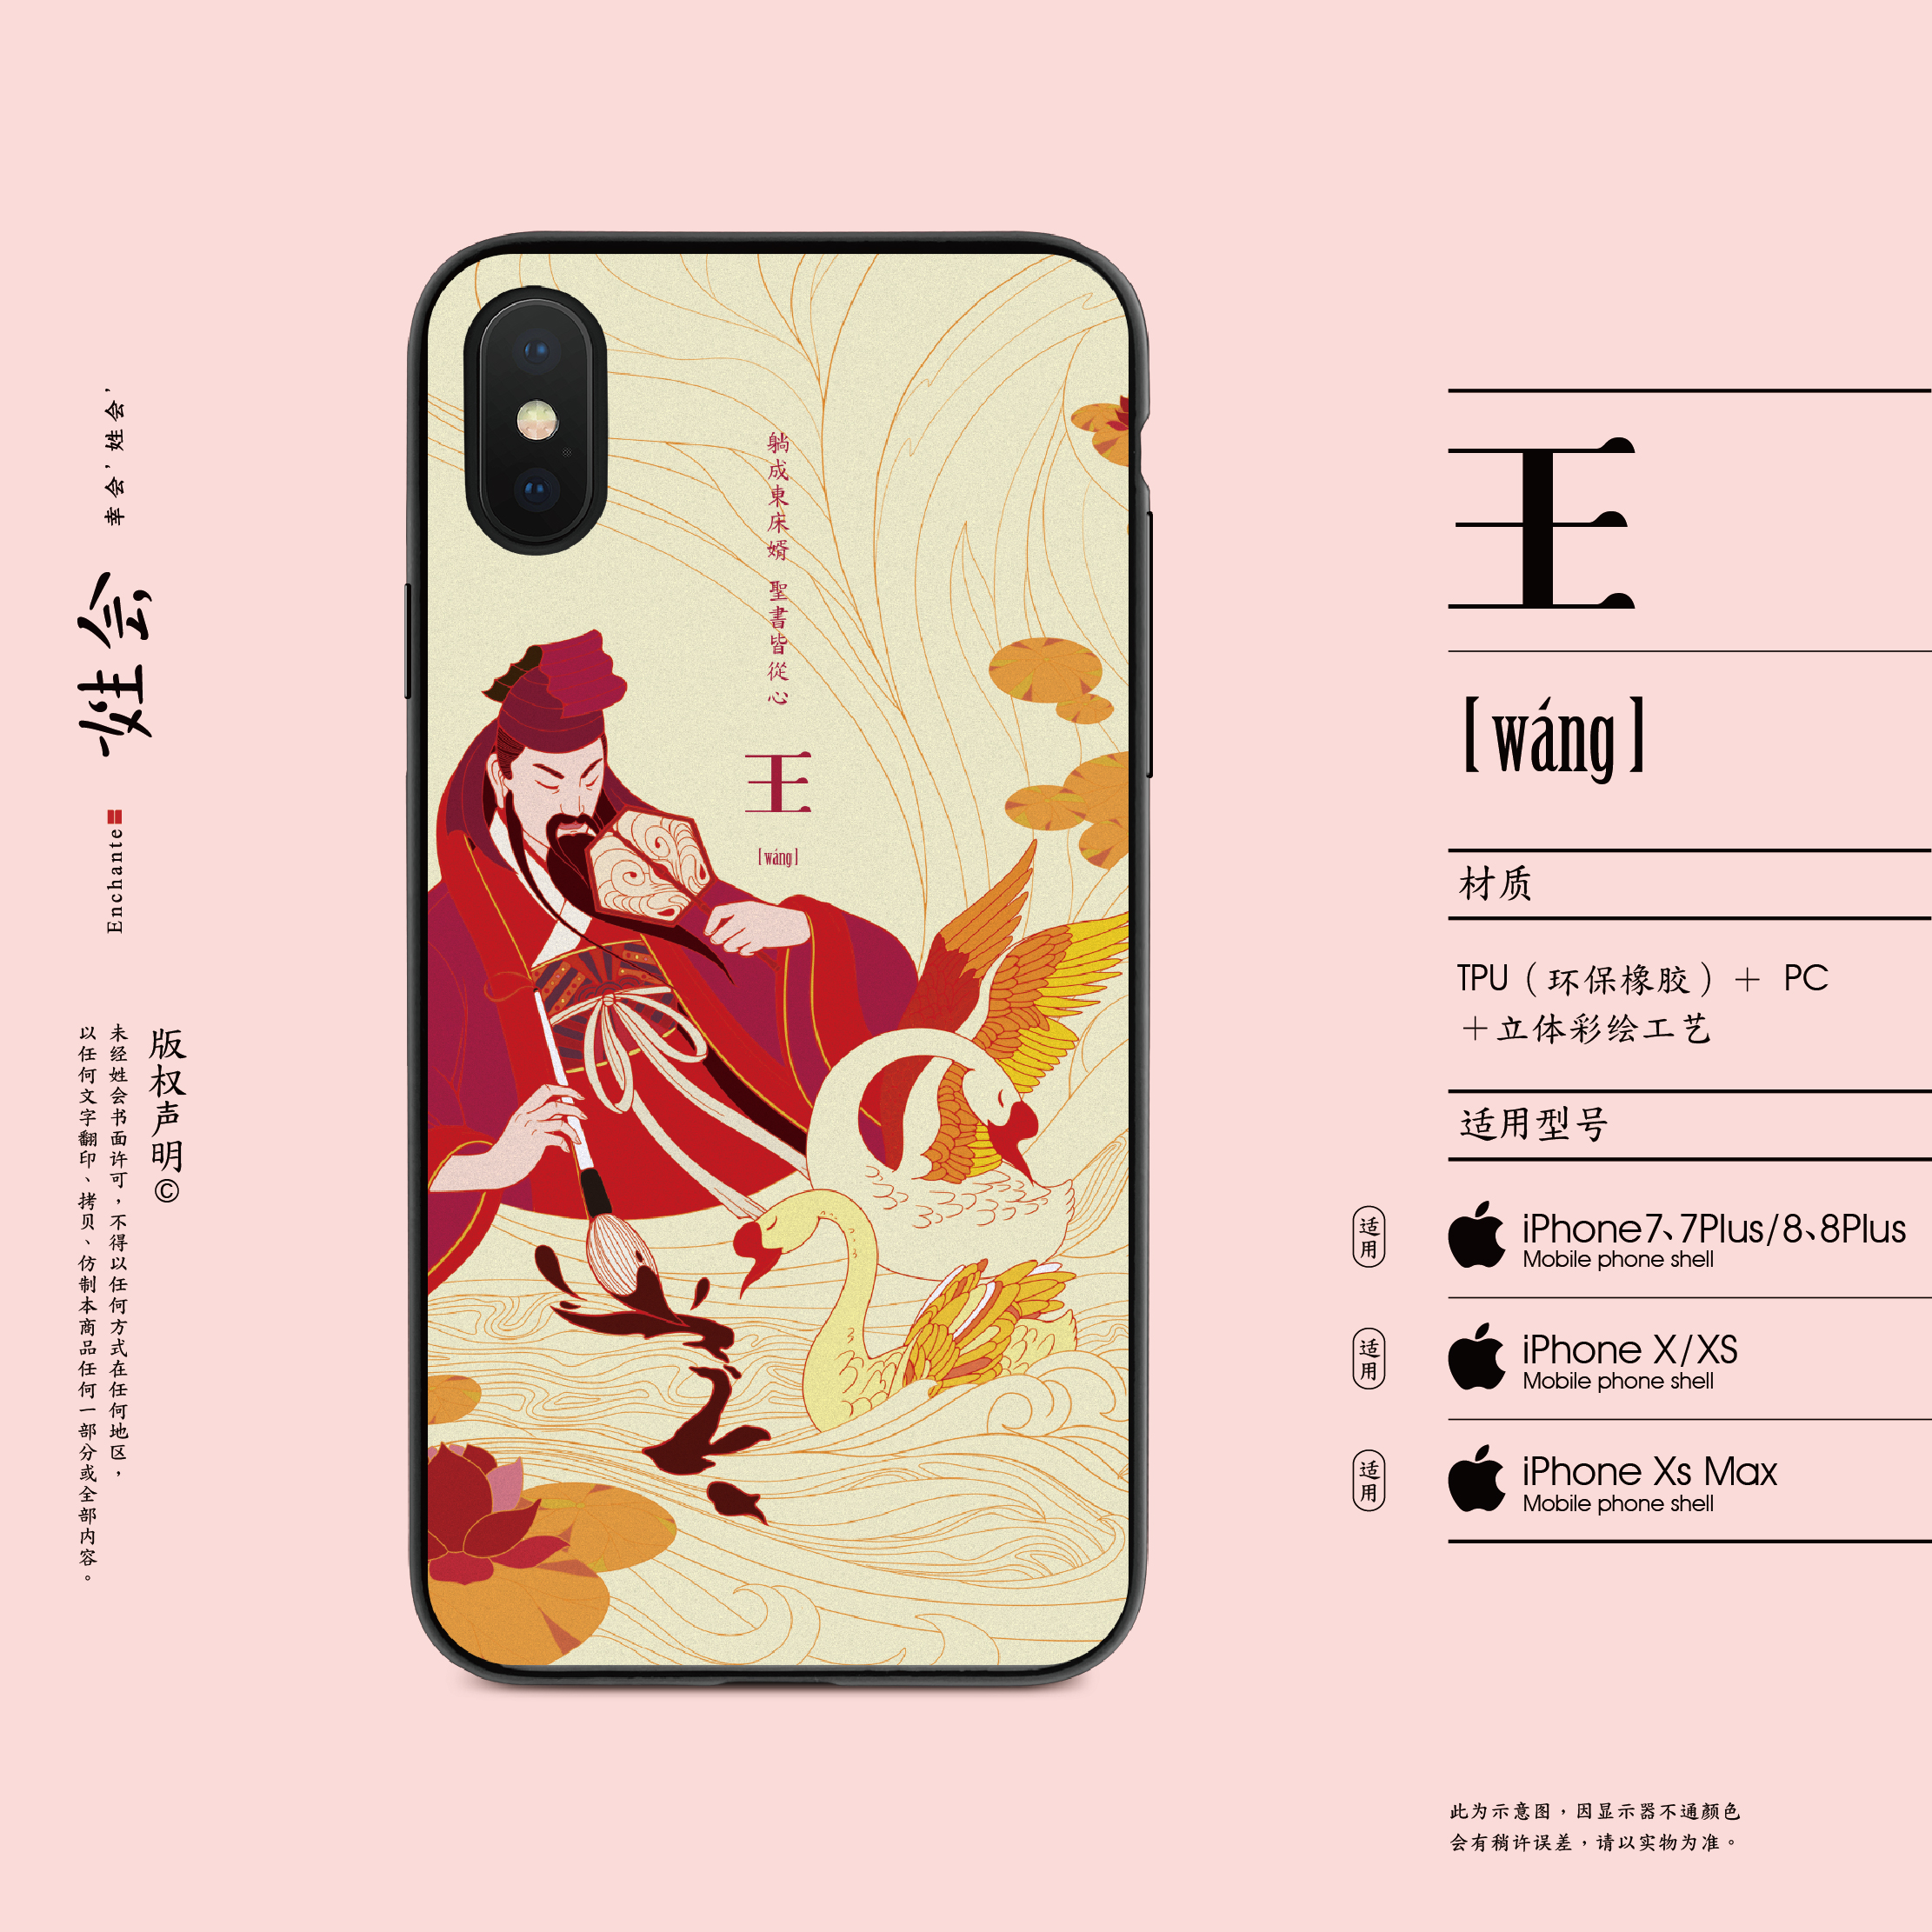 幸会姓会王氏中国风原创人物文艺手机壳苹果7/8/78p/X/XS/Xs Max